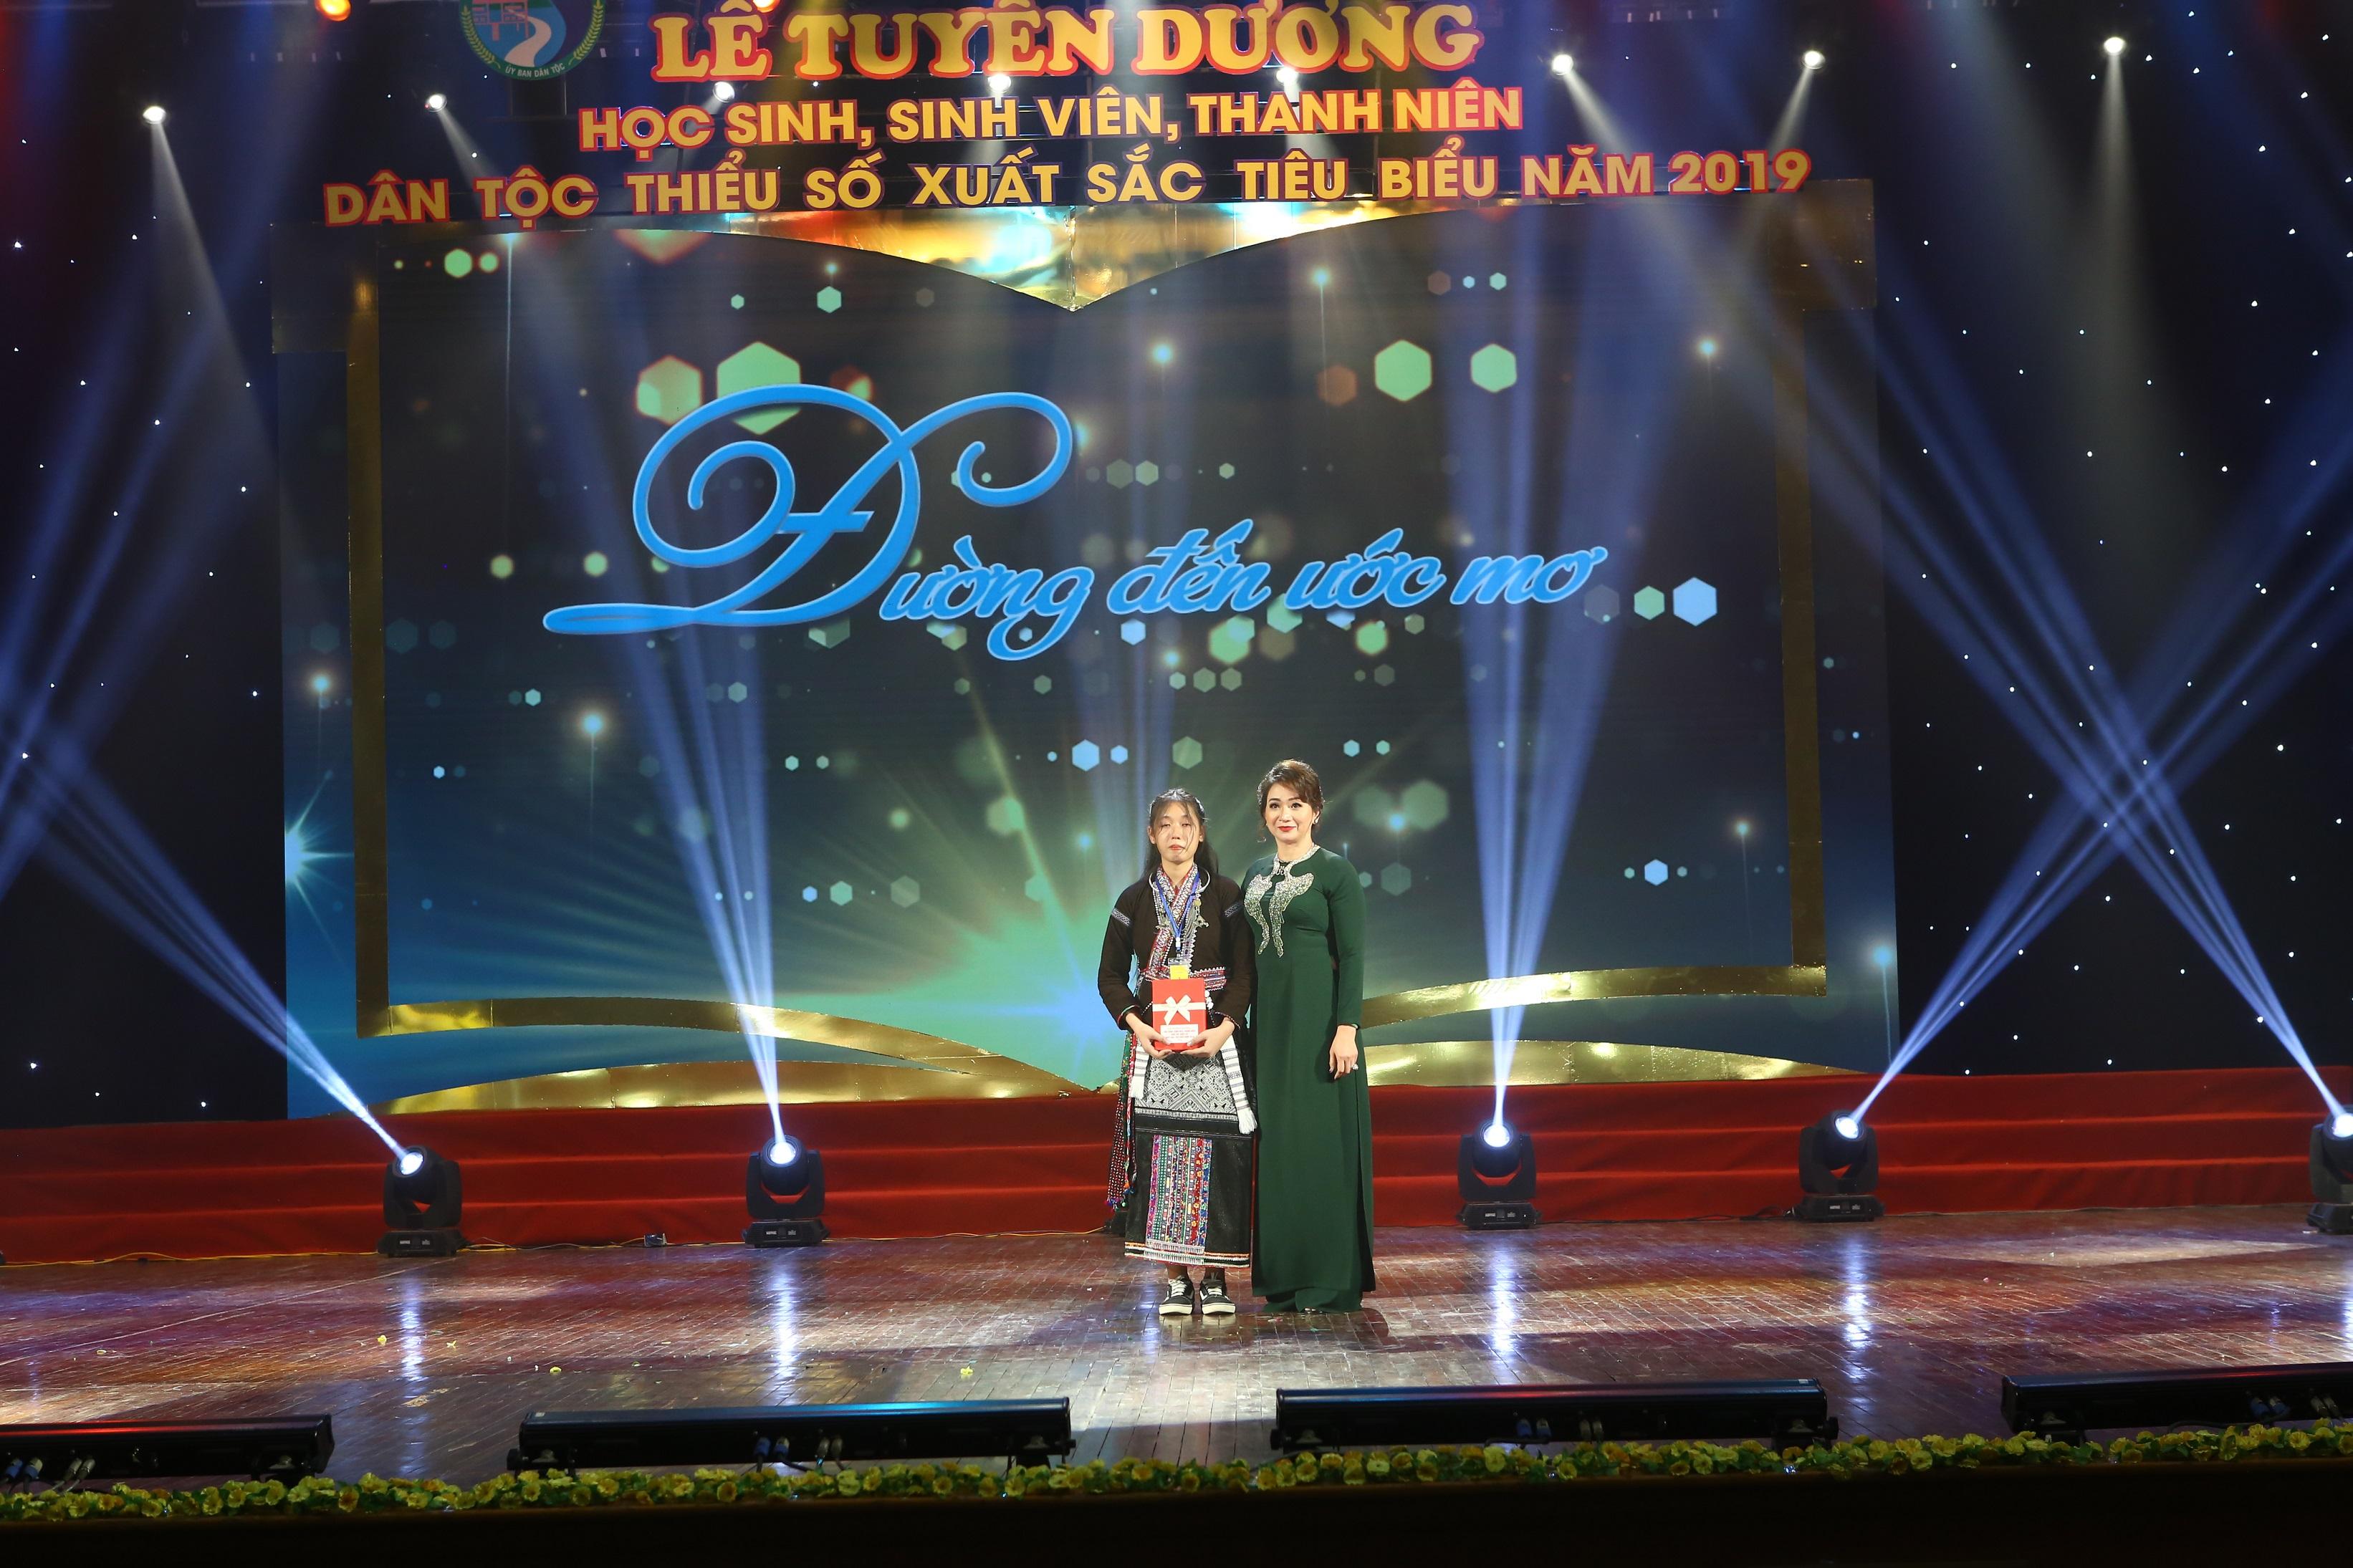 Bà Diễm Thúy, Giám đốc Công ty TNHH TM&DV Hoàng Trà My trao học bổng cho em Tao Thị Ón, sinh viên trường Học viện Phụ nữ